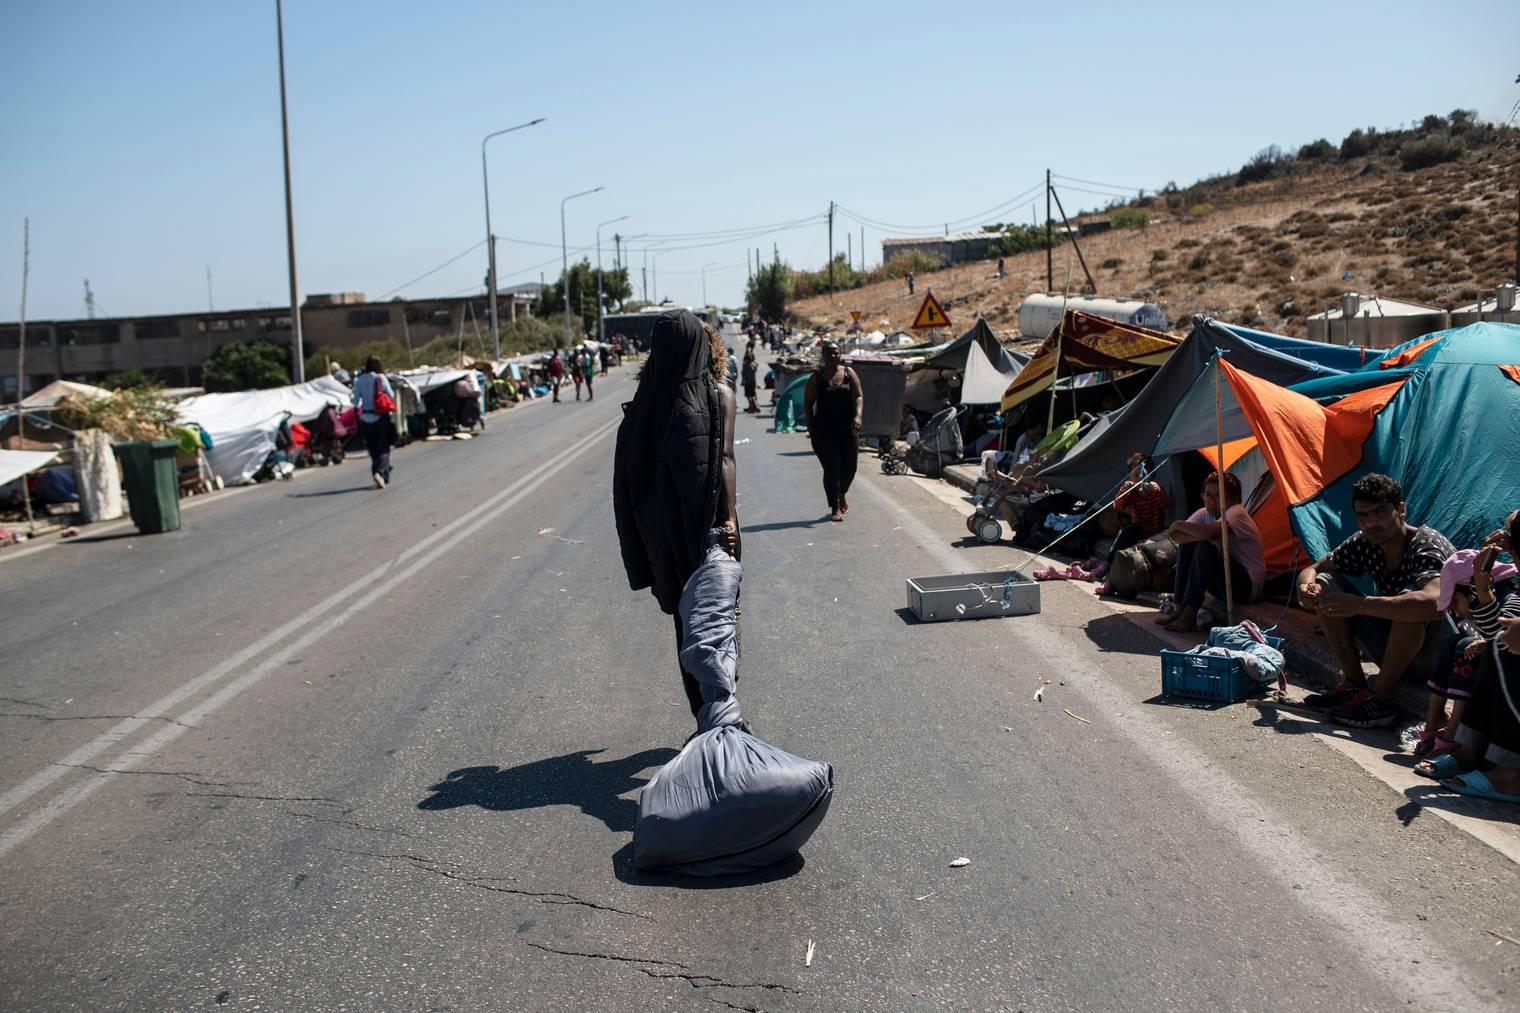 Migranten versammeln sich unter freiem Himmel, nachdem das Flüchtlingslager Moria auf Lesbos niederbrannte.